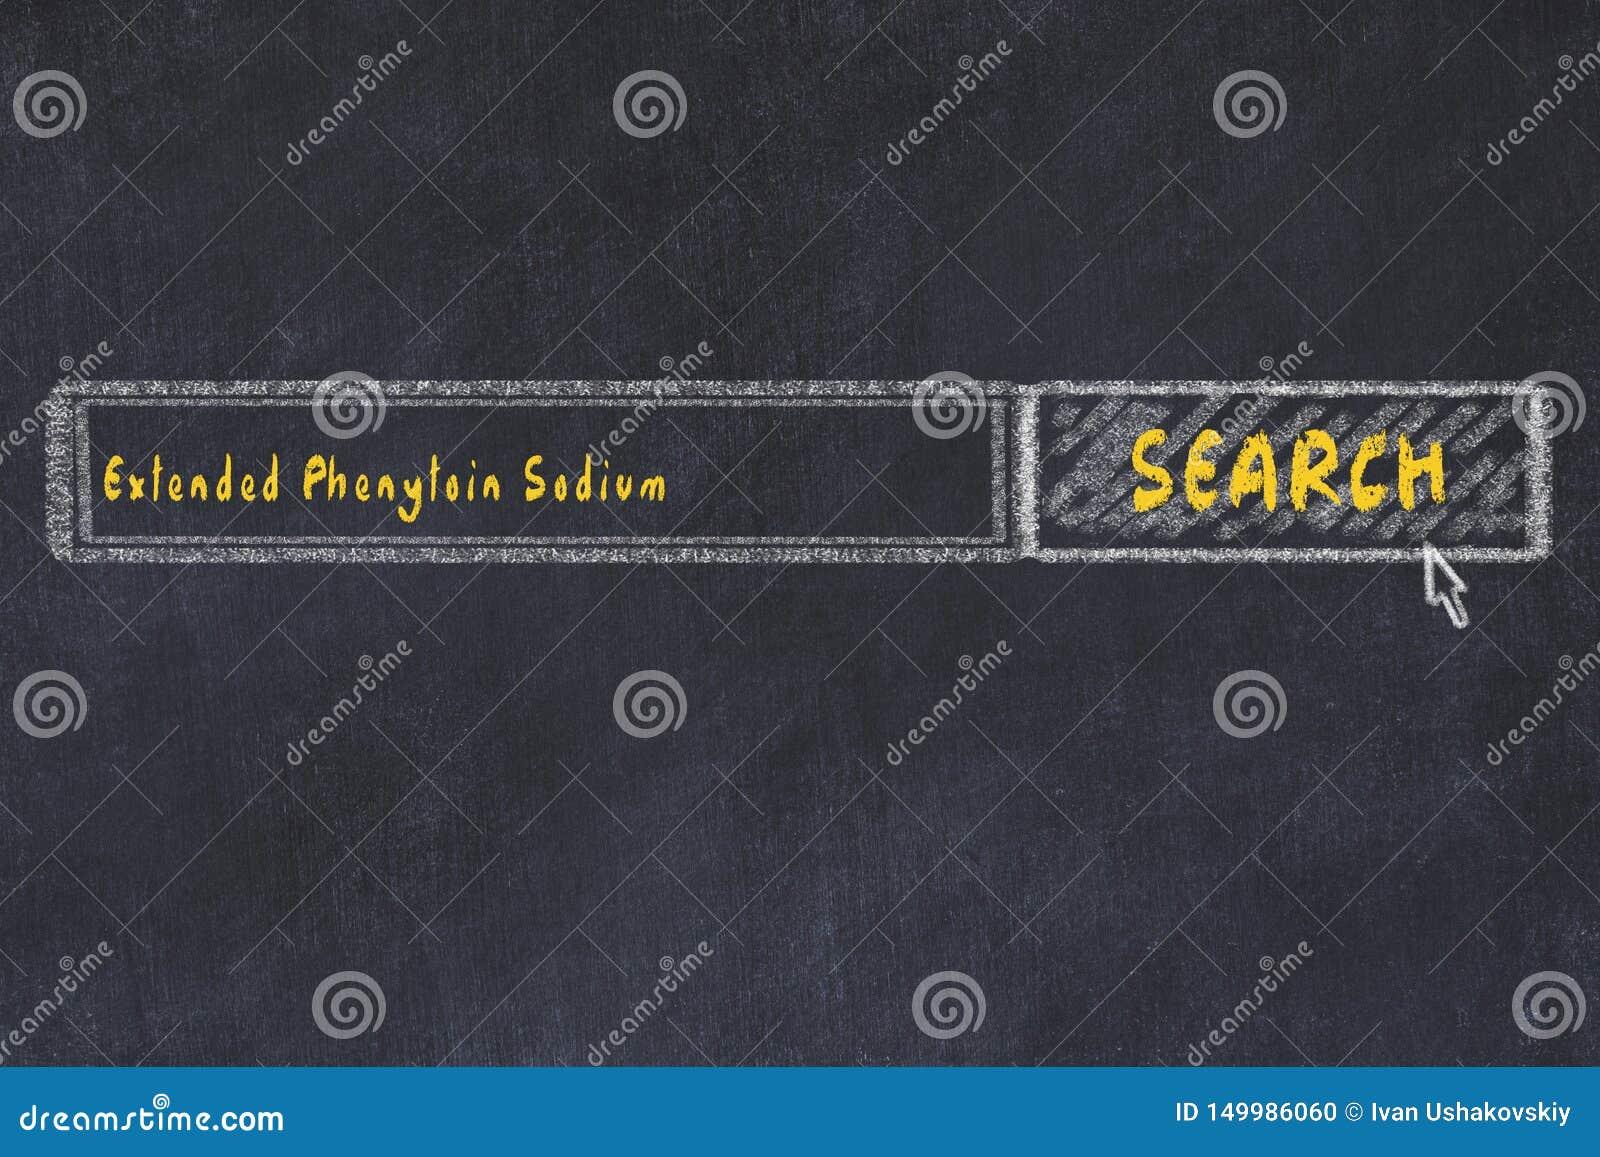 Conceito M?DICO Desenho de giz de uma janela do Search Engine que procura sódio prolongado do phenytoin da droga